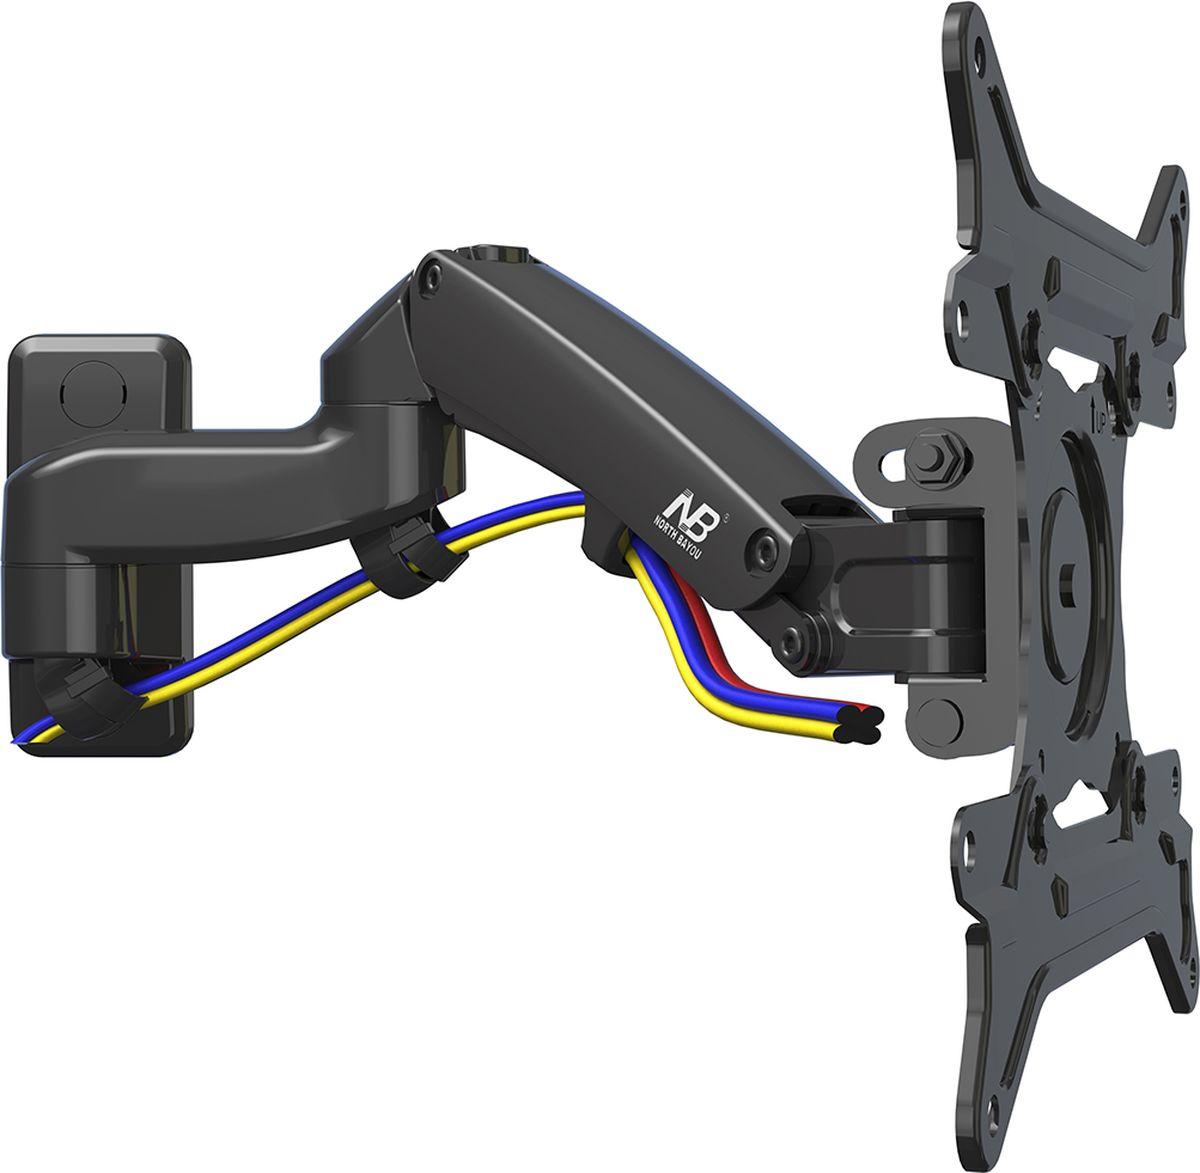 North Bayou NB F300, Black кронштейнчёрныйНастенный наклонно-поворотный кронштейн с регулировкой по высоте North Bayou NB F300 подходит для телевизоров с диагональю 30-40 и с весом от 5 до 10 кг. Благодаря встроенной газовой пружине вы можете с лёгкостью перемещать телевизор не только влево и вправо, но и вверх, и вниз, при этом не прилагая усилий и не производя дополнительной фиксации. Именно технологии надёжных осевых соединений с газовой пружиной позволят вам отрегулировать положение телевизора для самого комфортного просмотра.